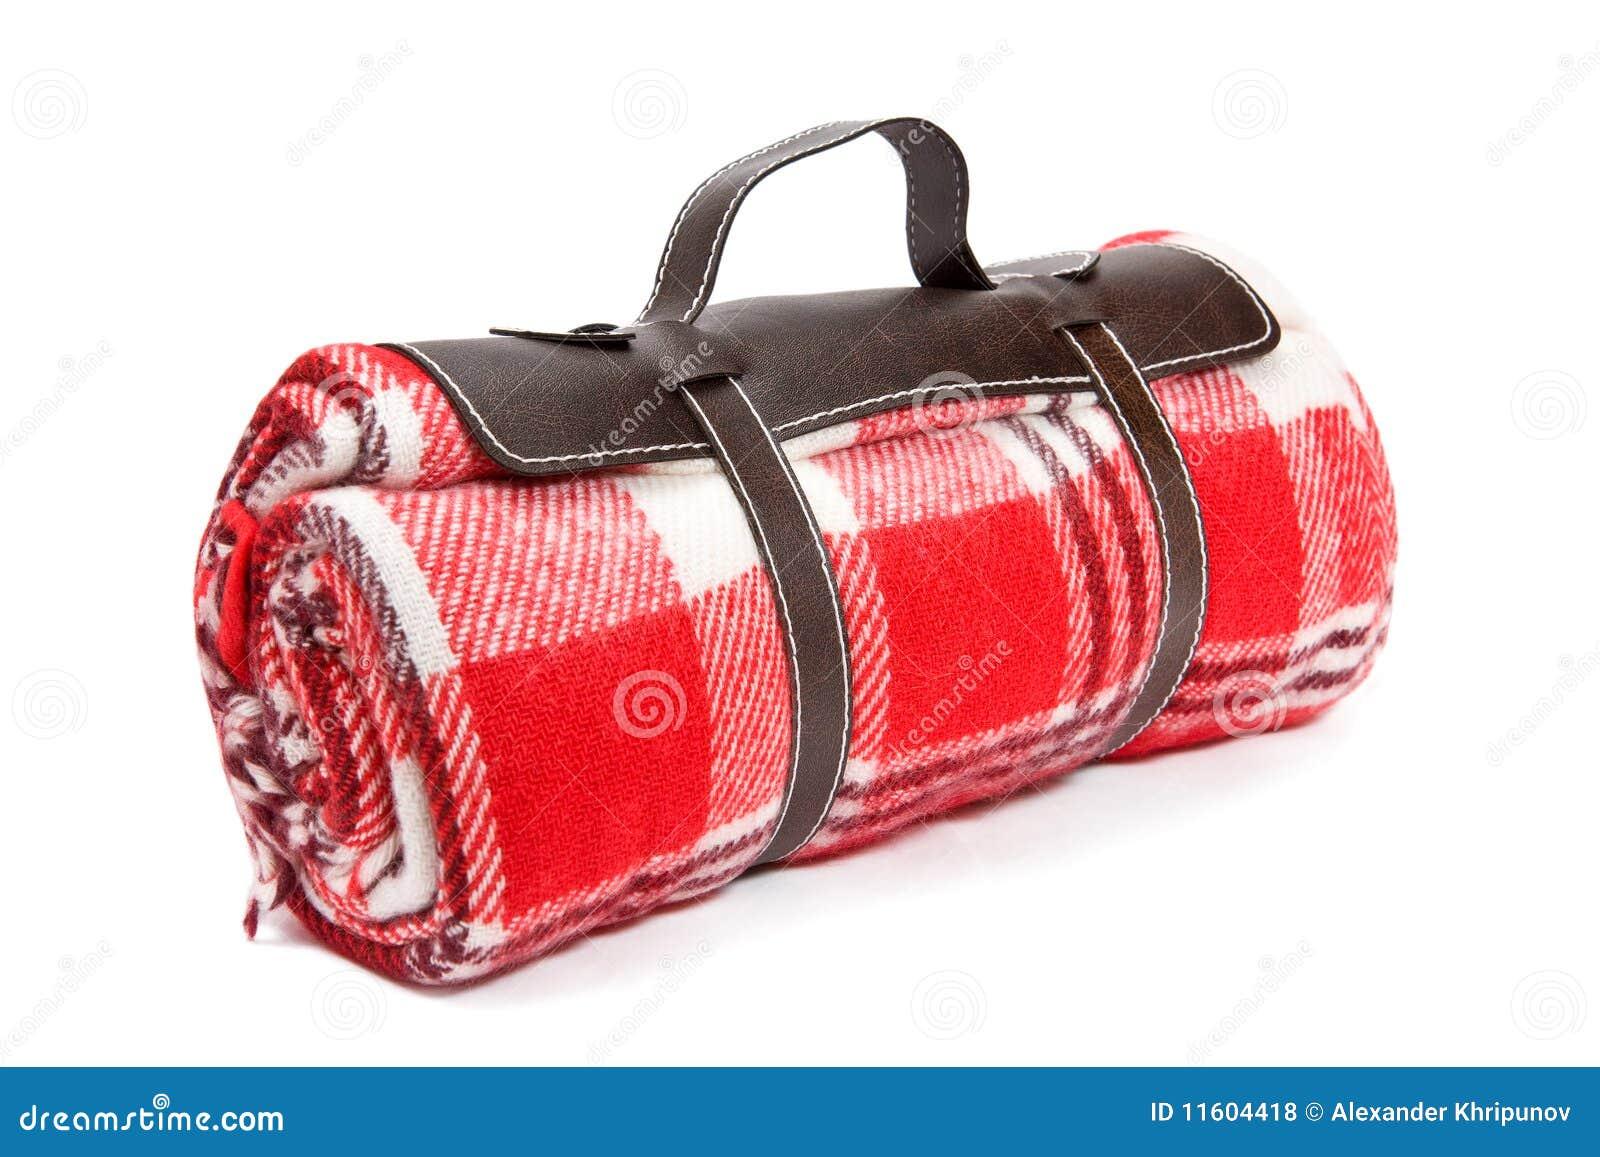 Unika Filt Packad Picknick S Sunday Arkivfoto - Bild av värme, rött LY-81